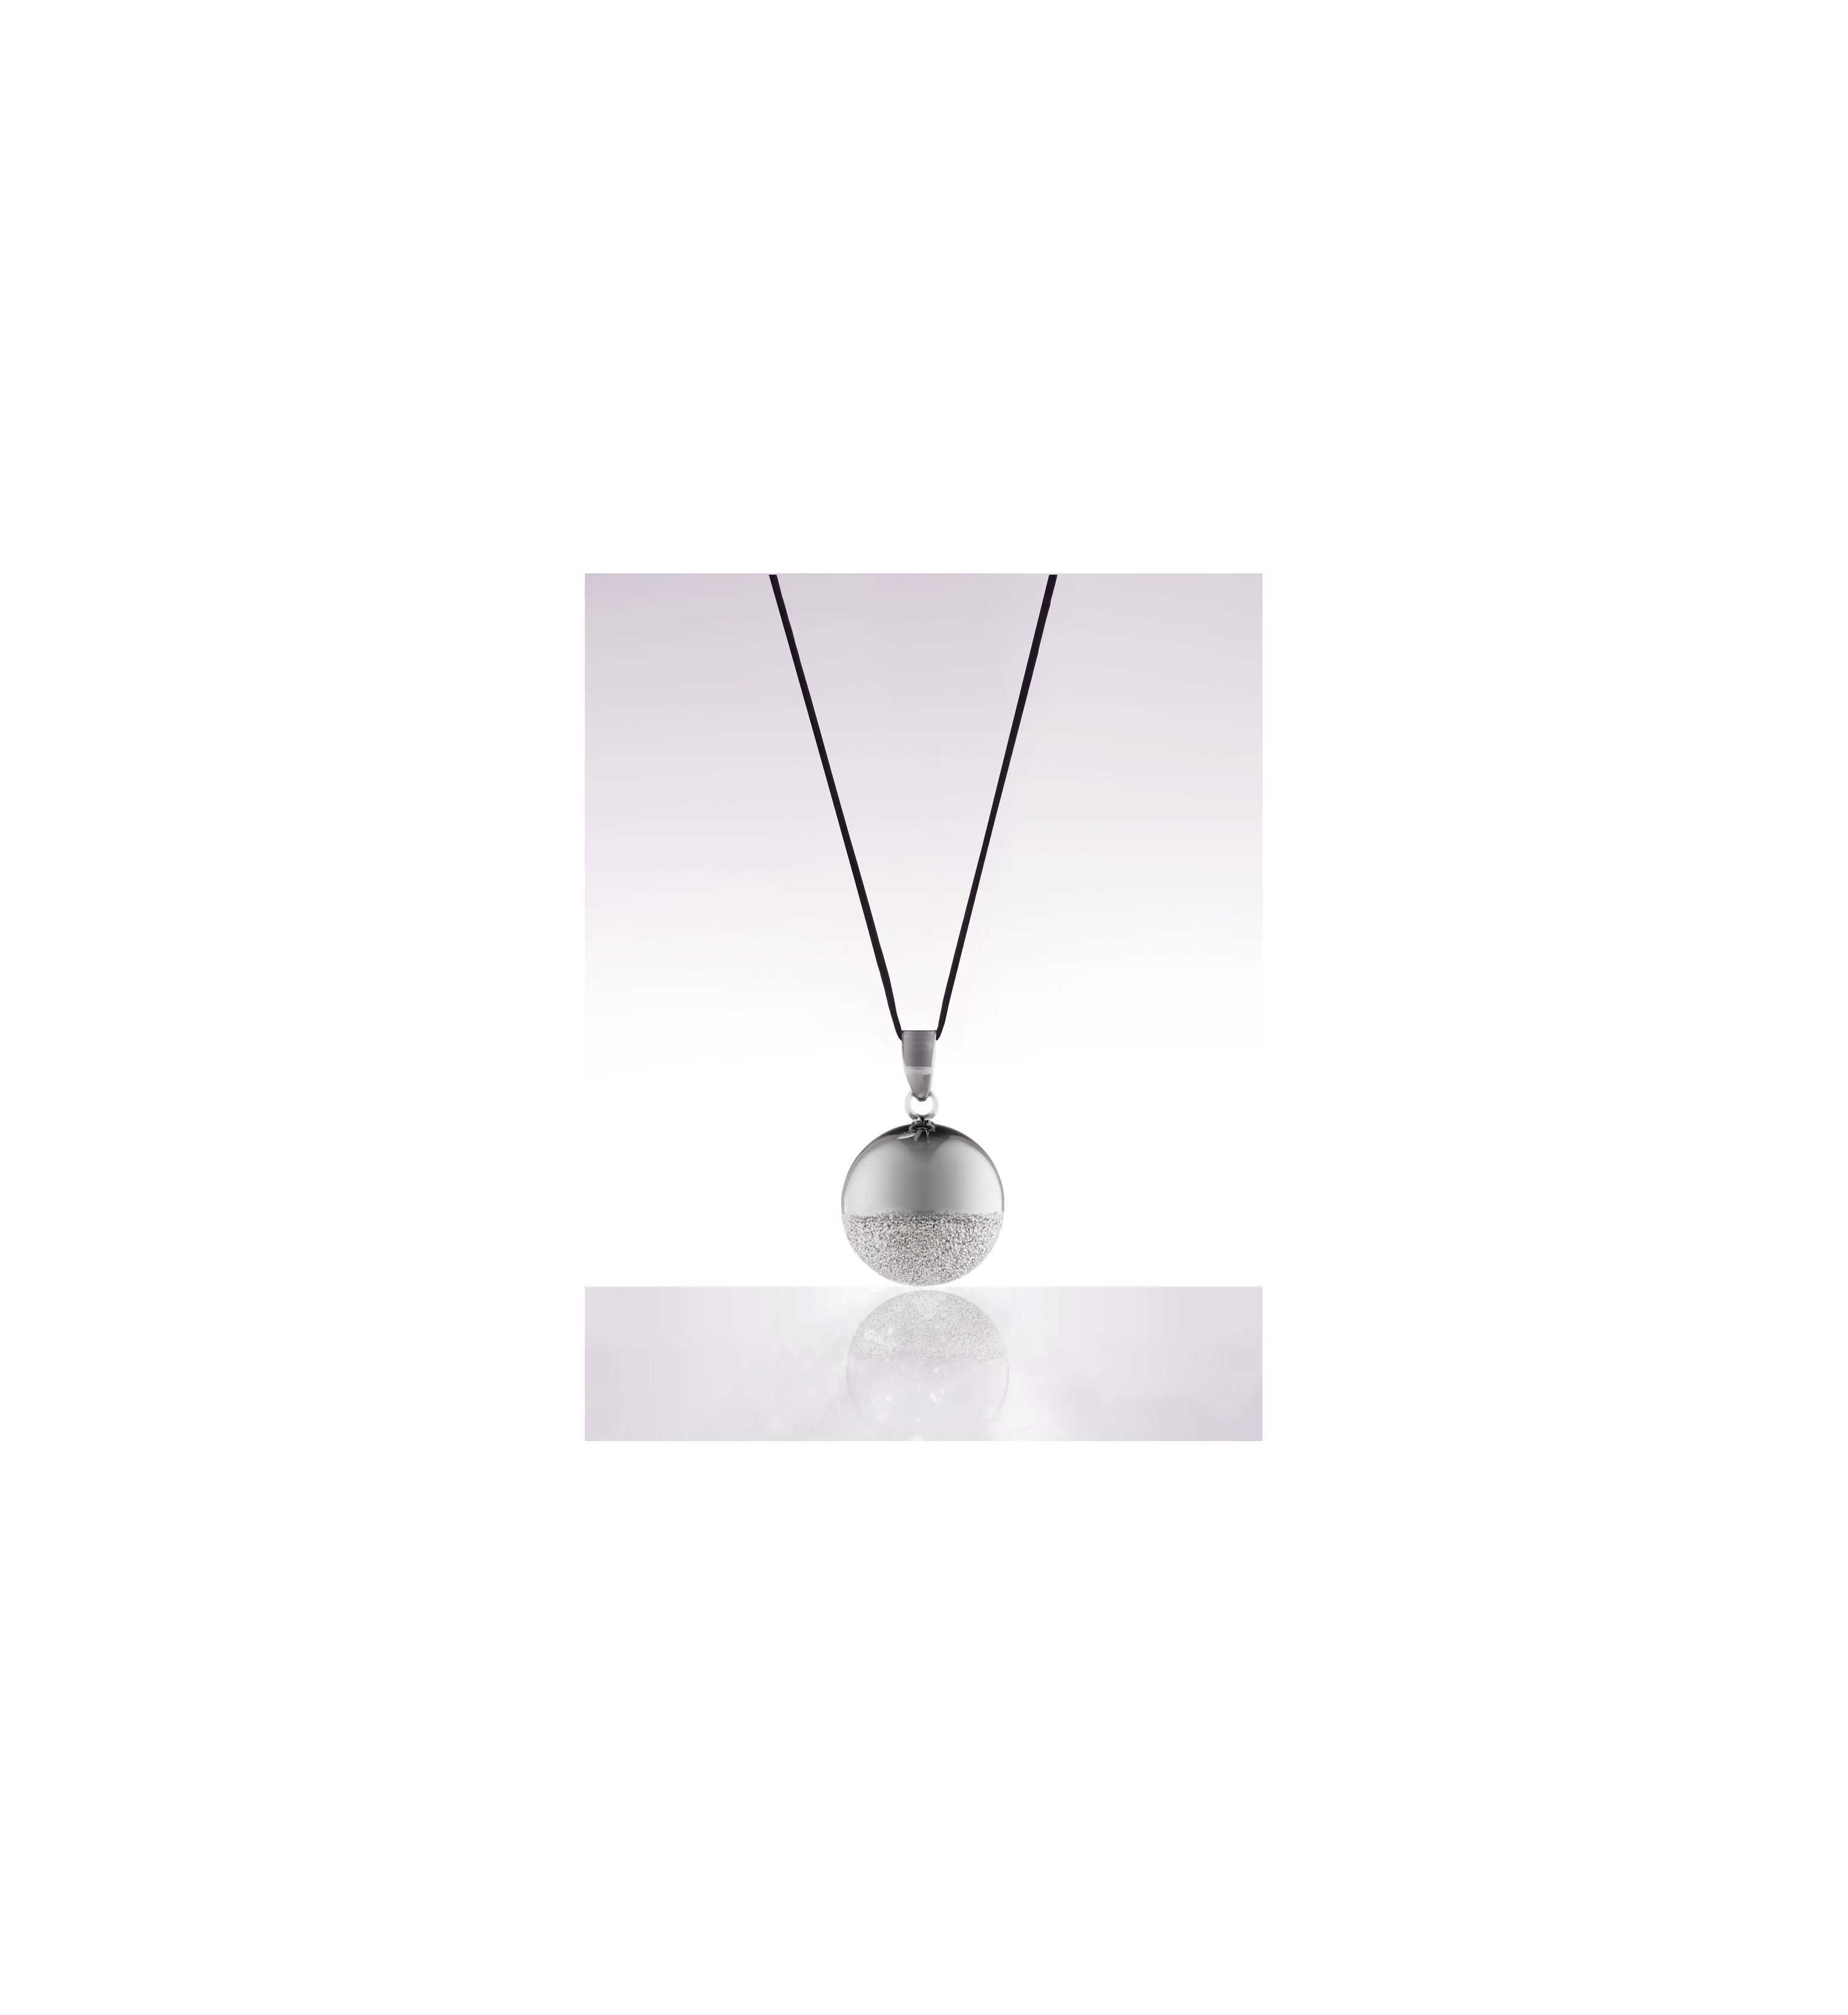 Bola sphere black rhodium